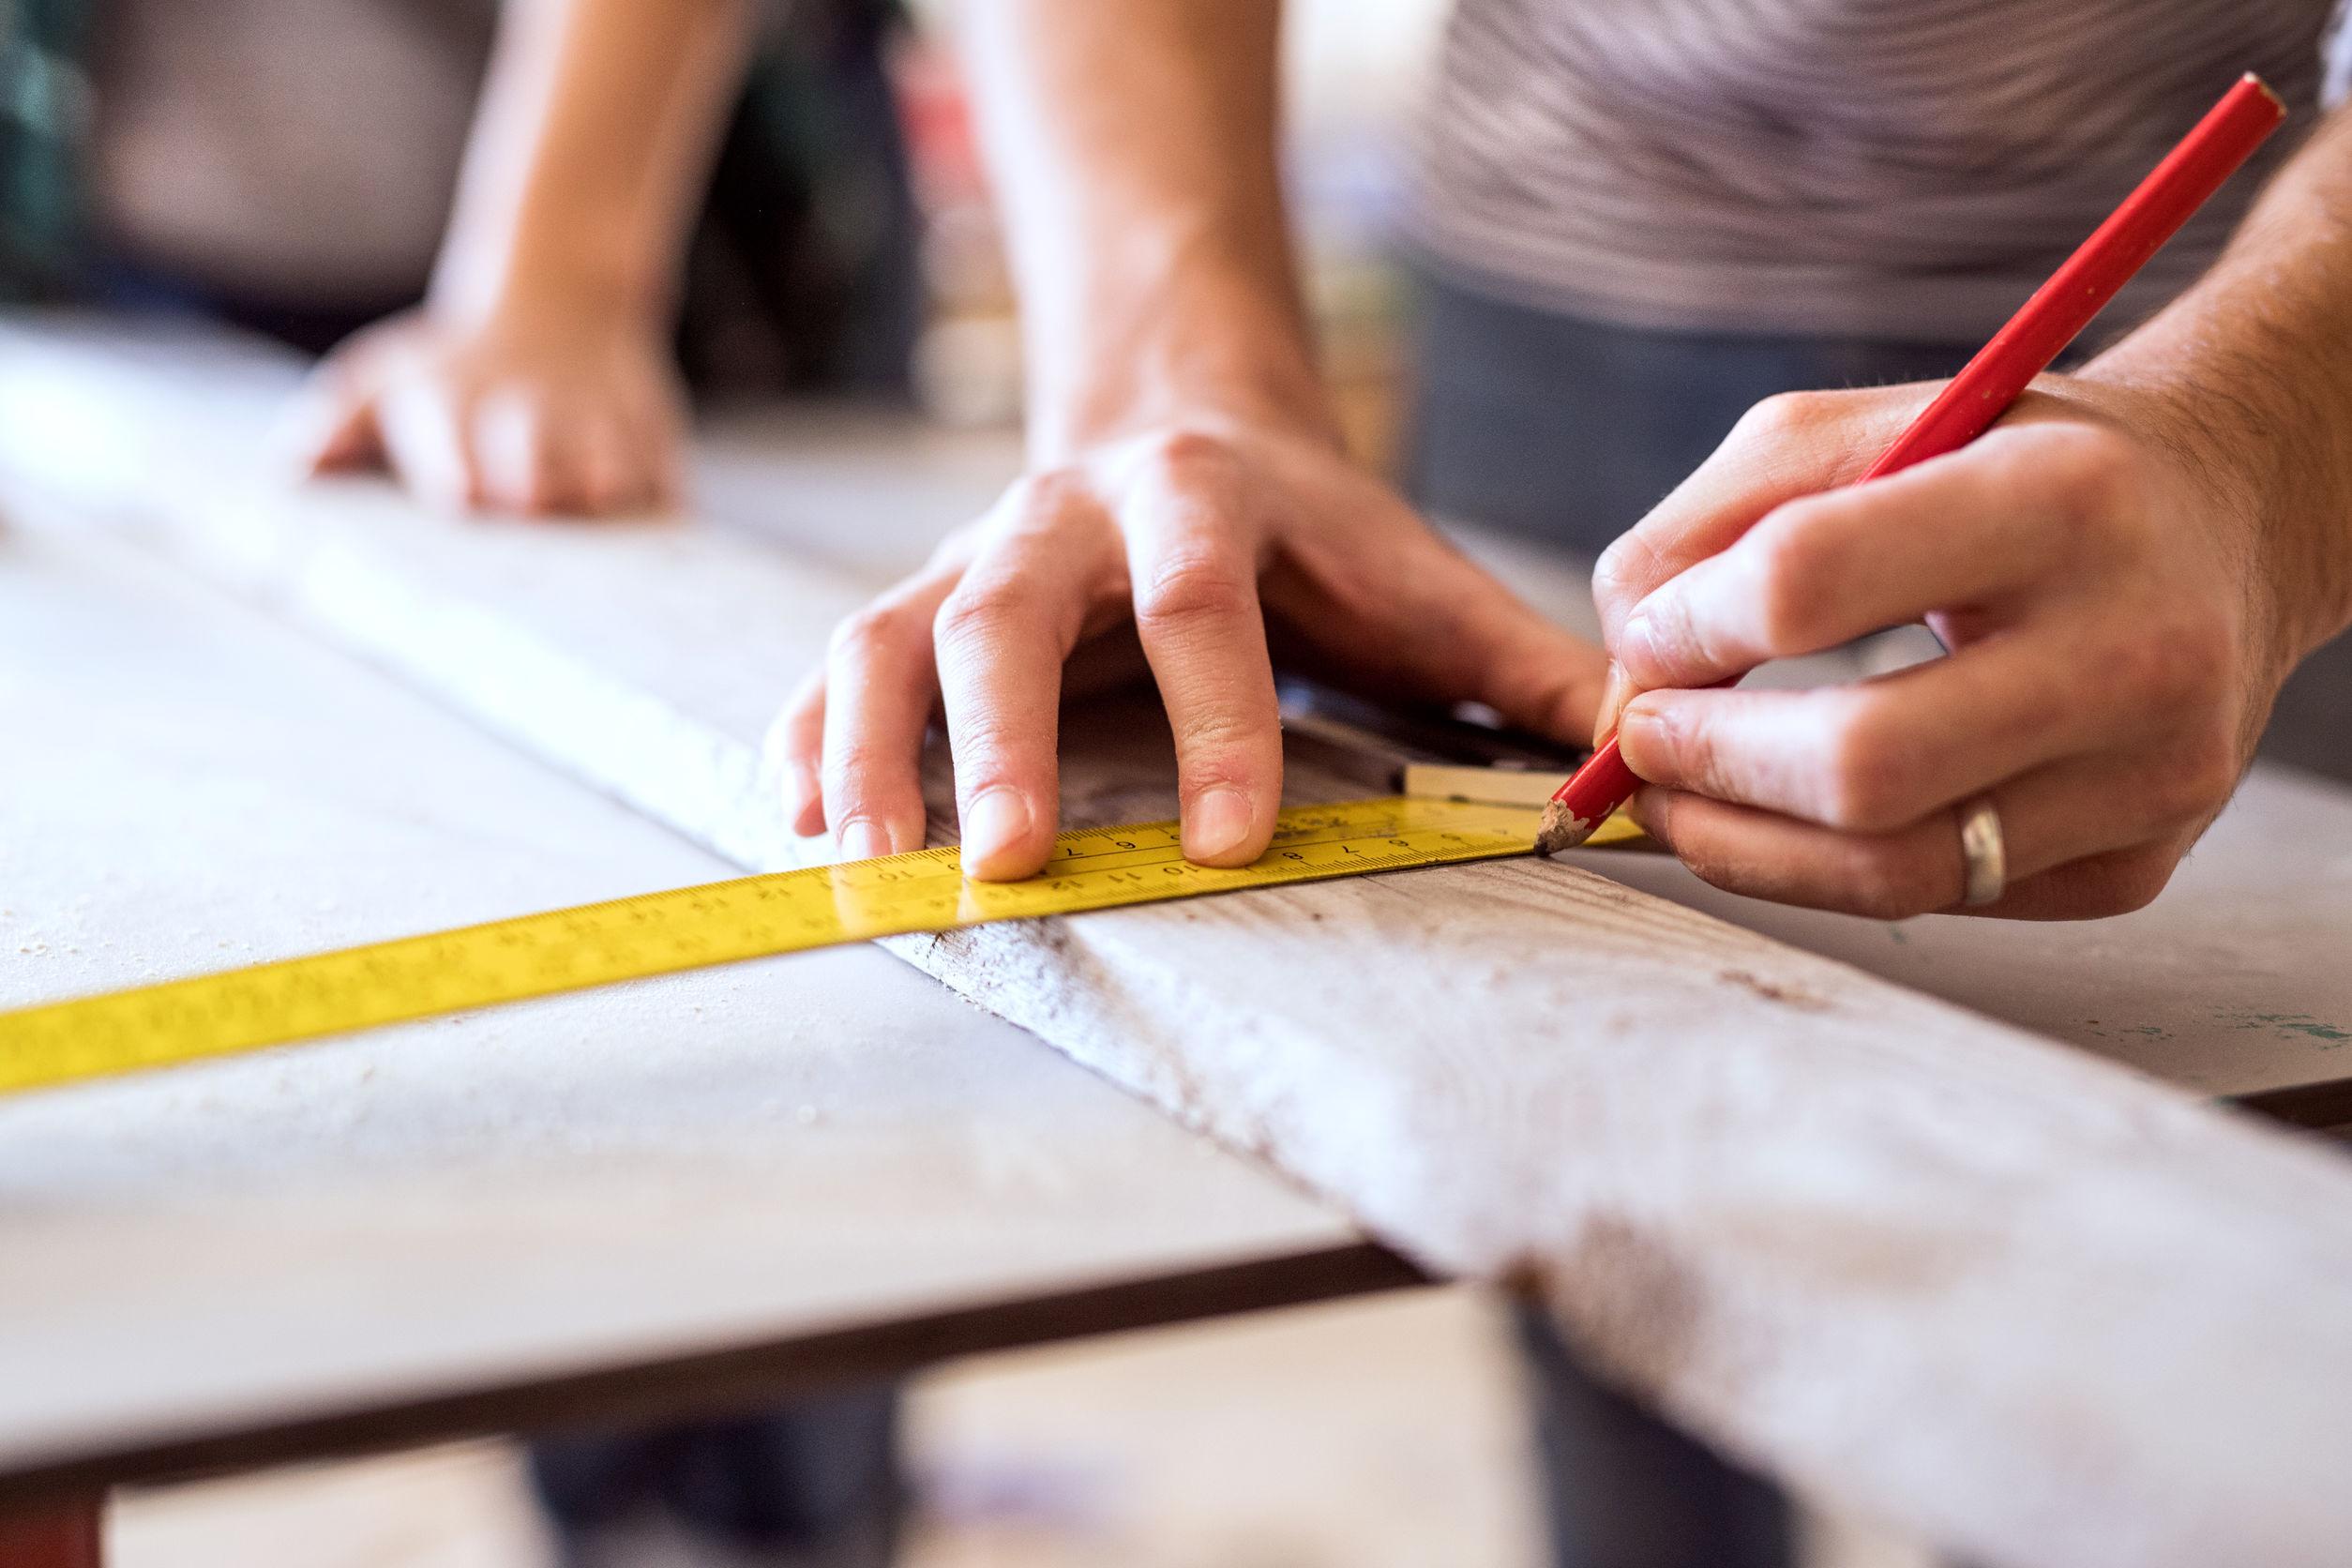 Hand markiert mit Hilfe eines Bleistifts eine Beschnittkante bei einem Holzbrett